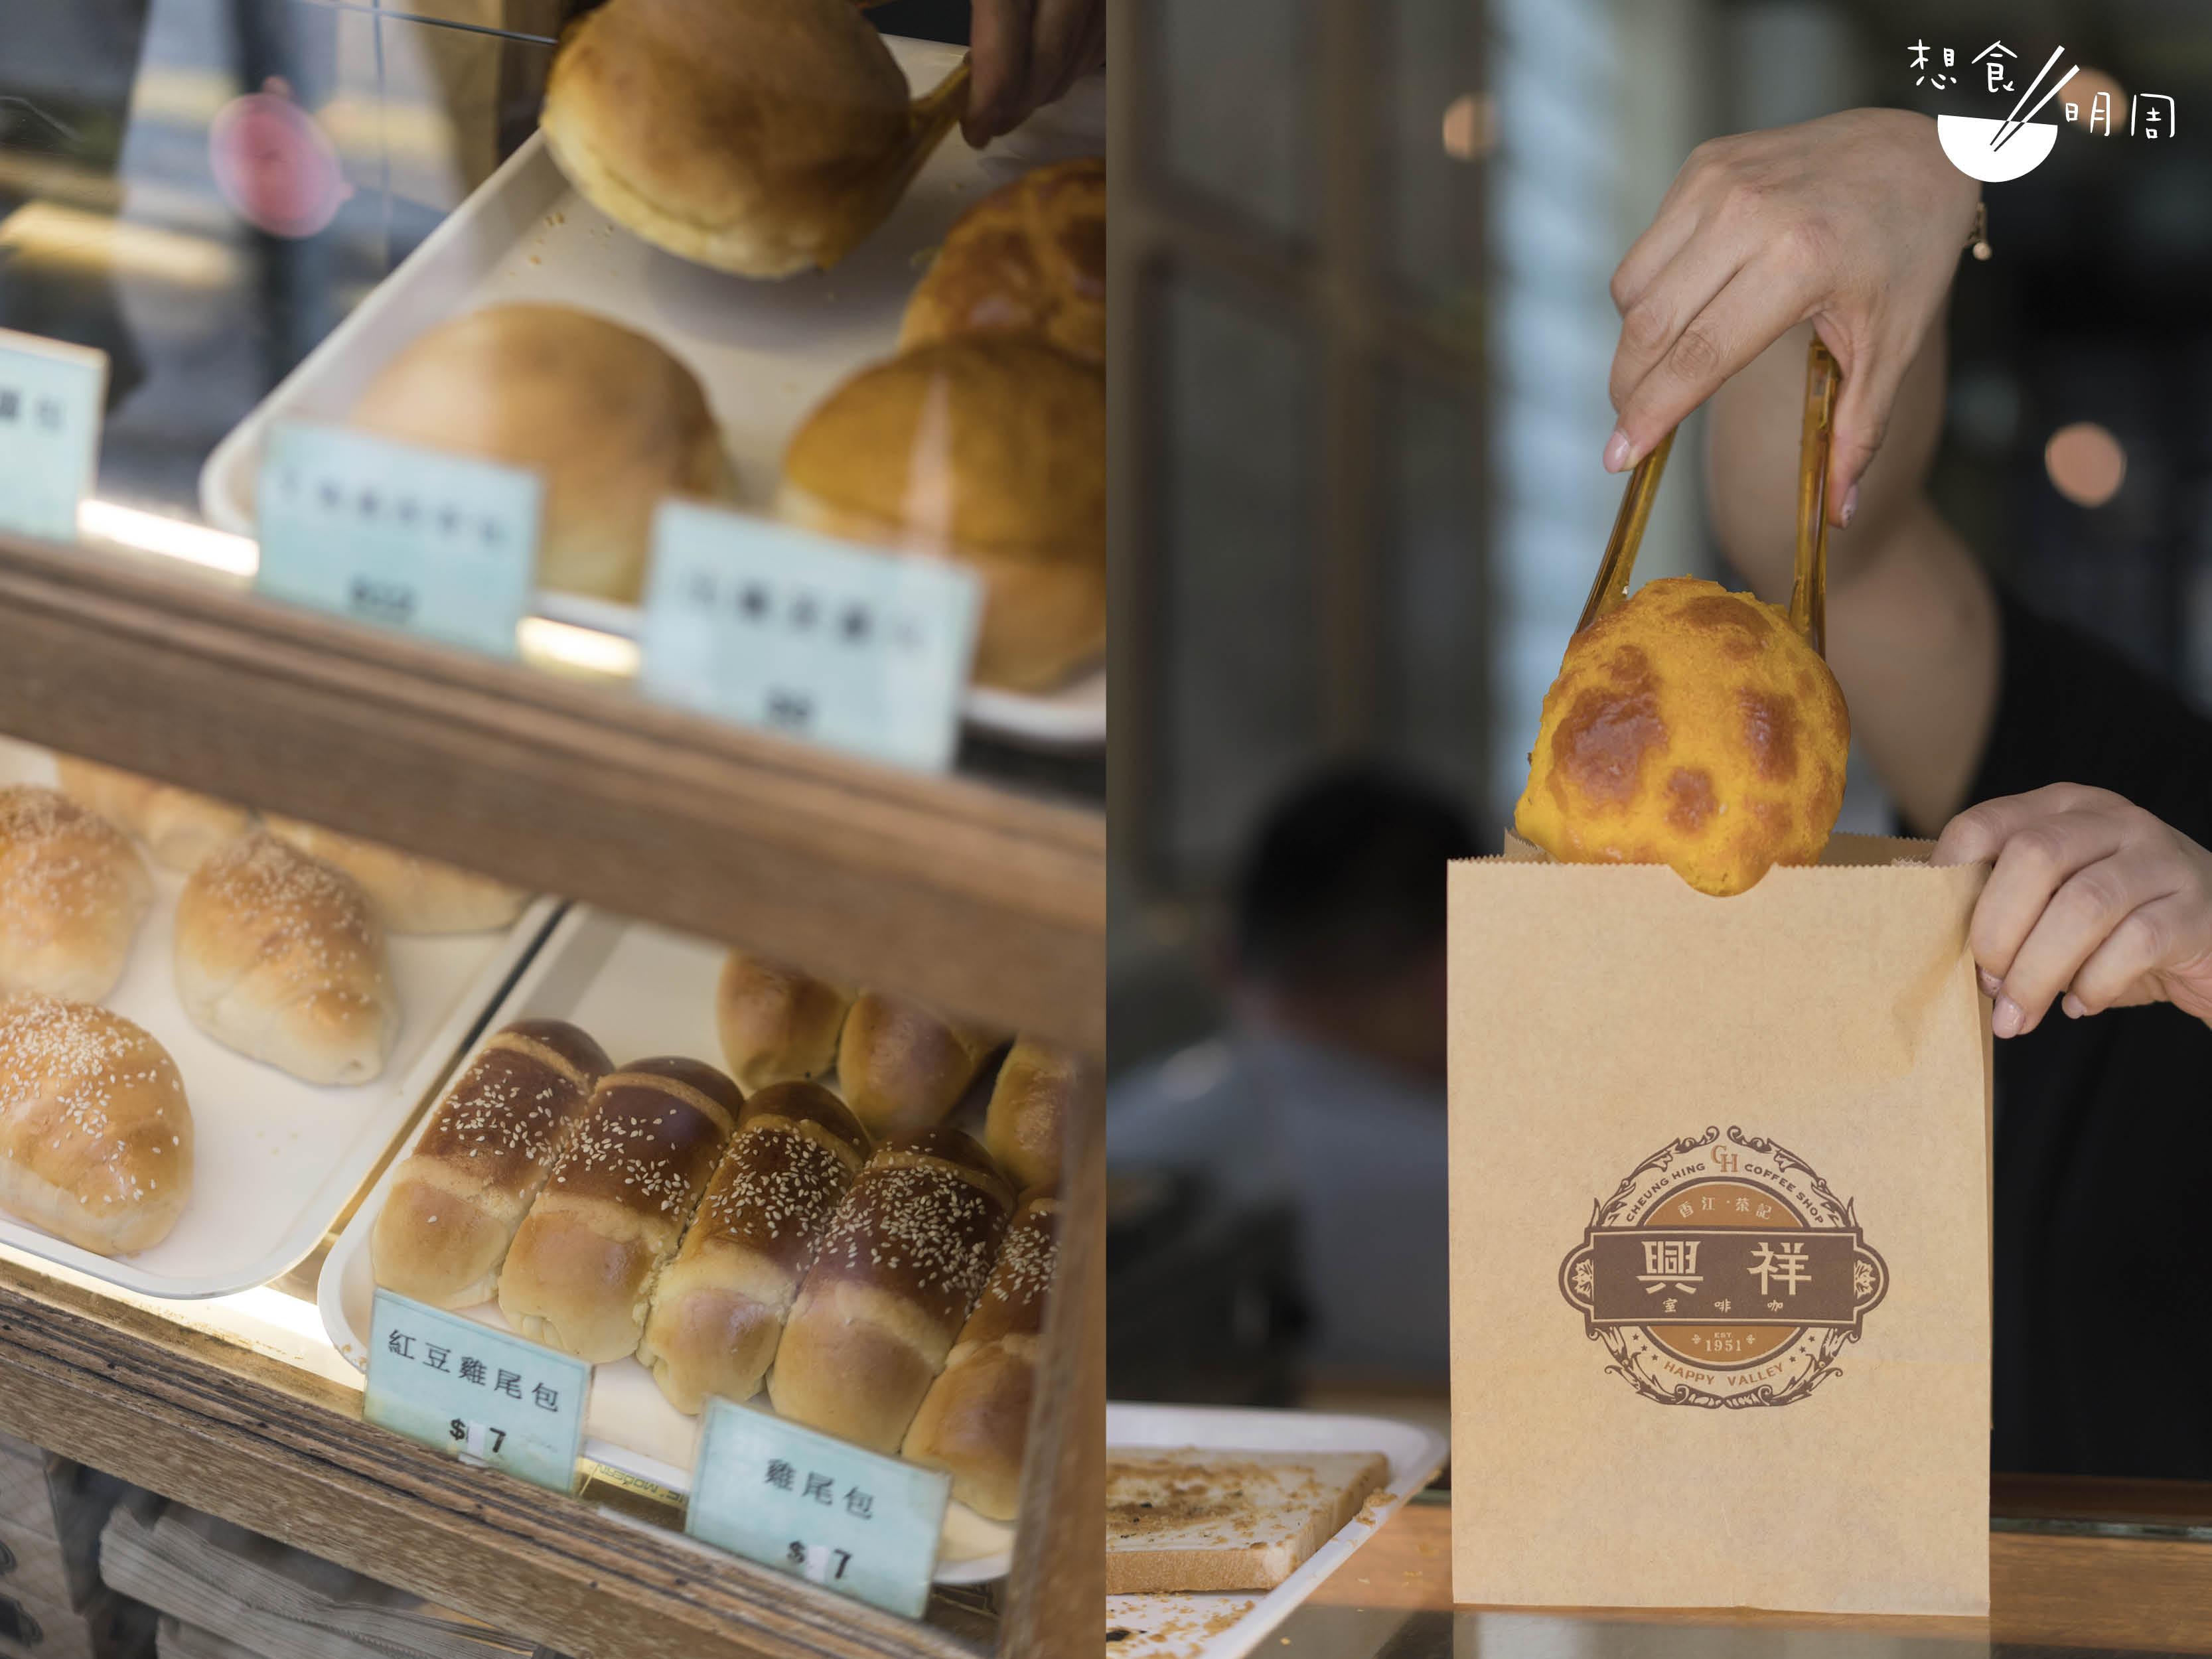 羅先生接手後的祥興咖啡室,重新聘請師傅在店內製作麵包,每日新鮮出爐。